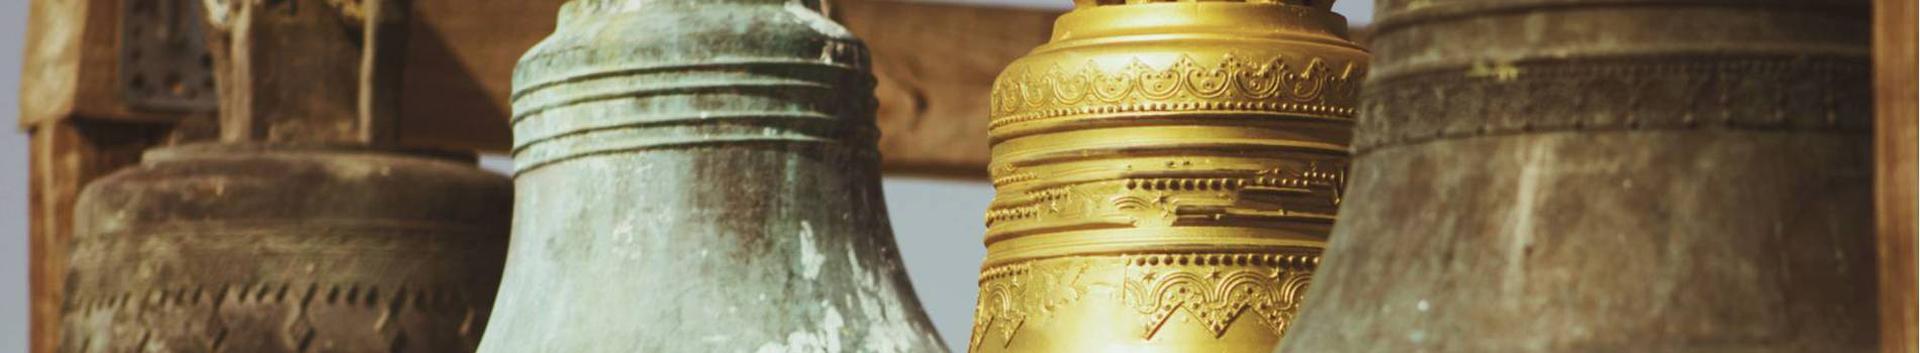 94911_kirikute-klooster-kogudus-tegevus_41228650_xl.jpg